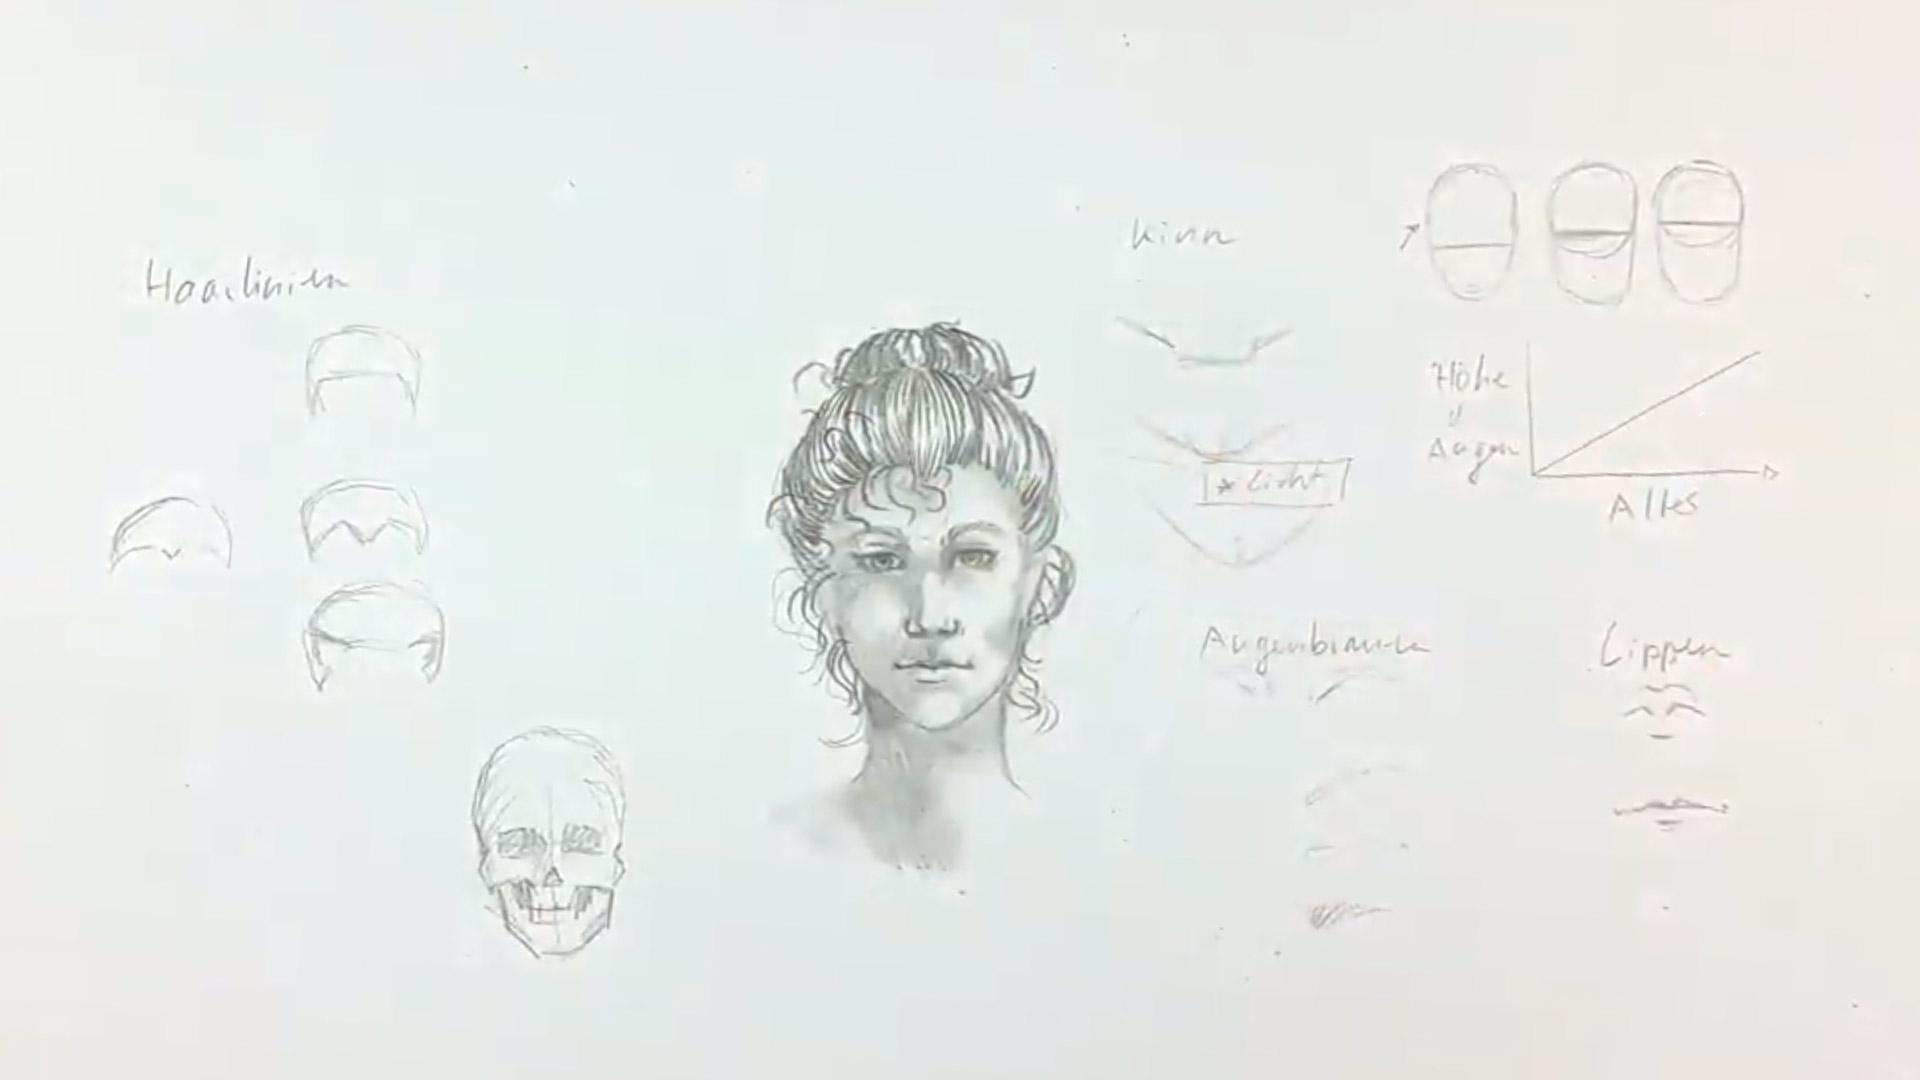 Gesicht Zeichnen Schritt Für Schritt Tutorial - Zeichne verwandt mit Gesicht Zeichnen Anleitung